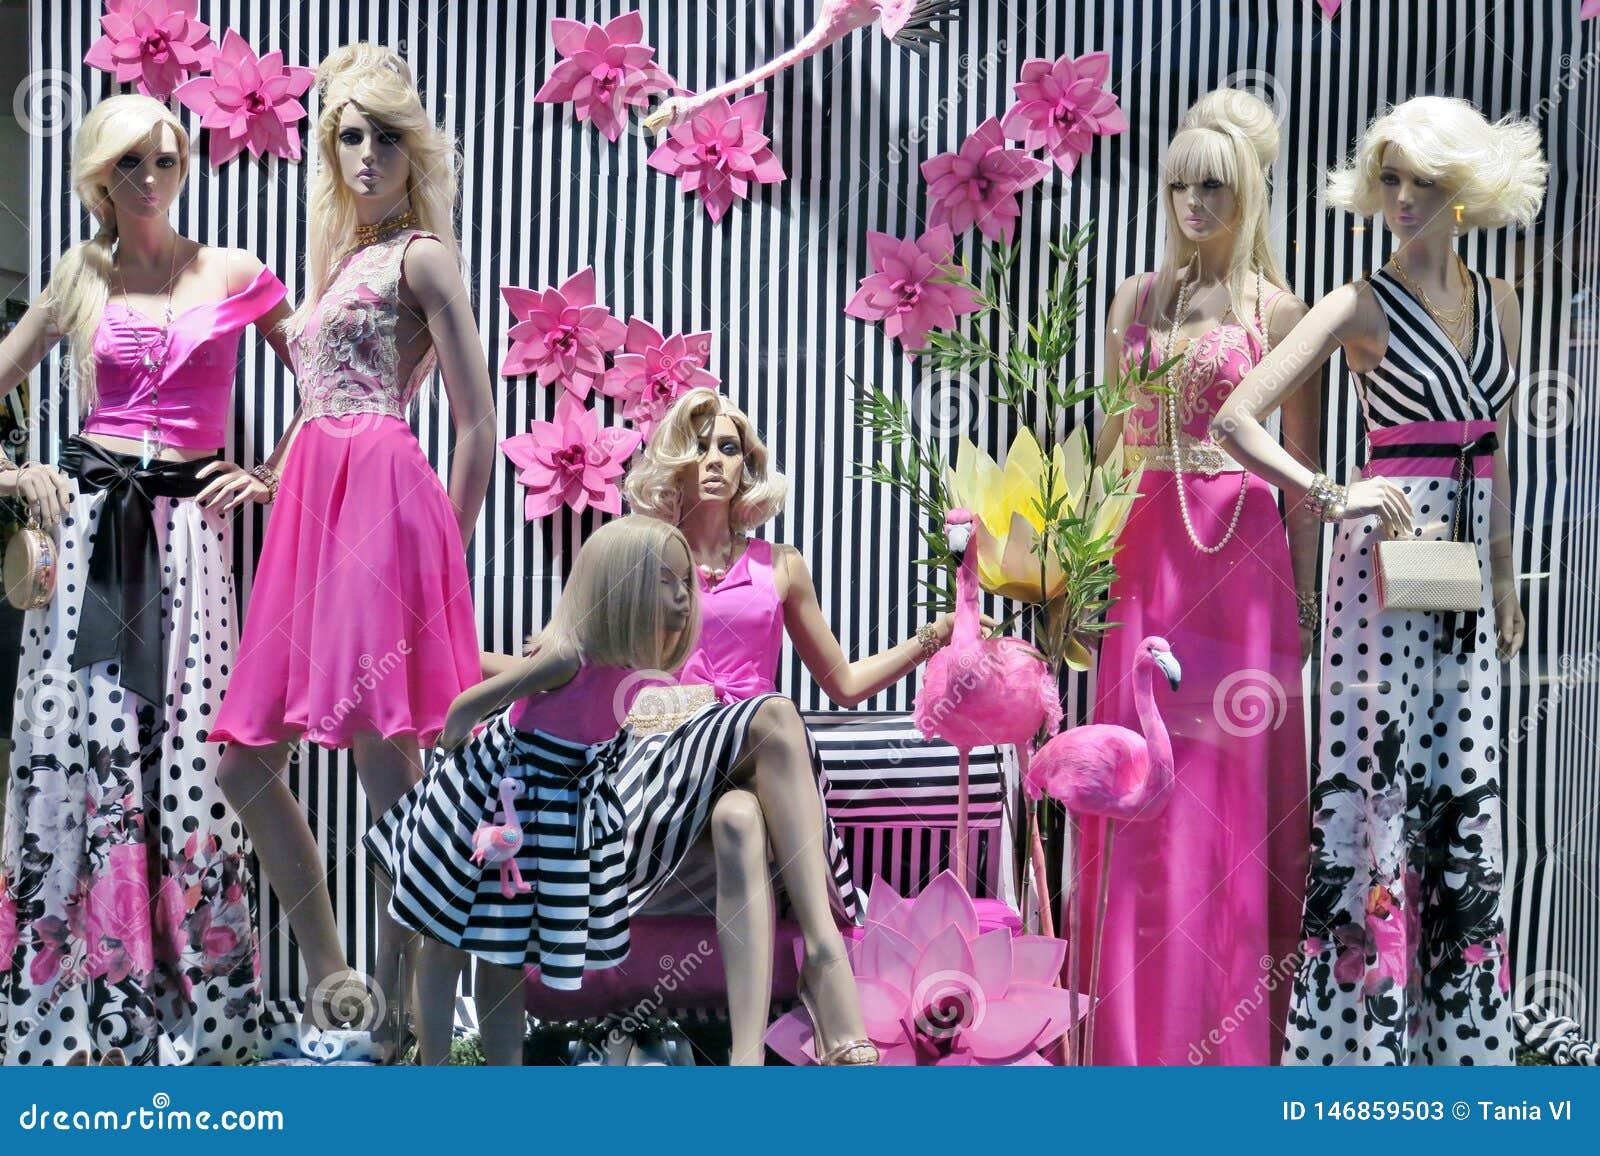 Vetrina con i vestiti alla moda del rosa e dei colori in bianco e nero